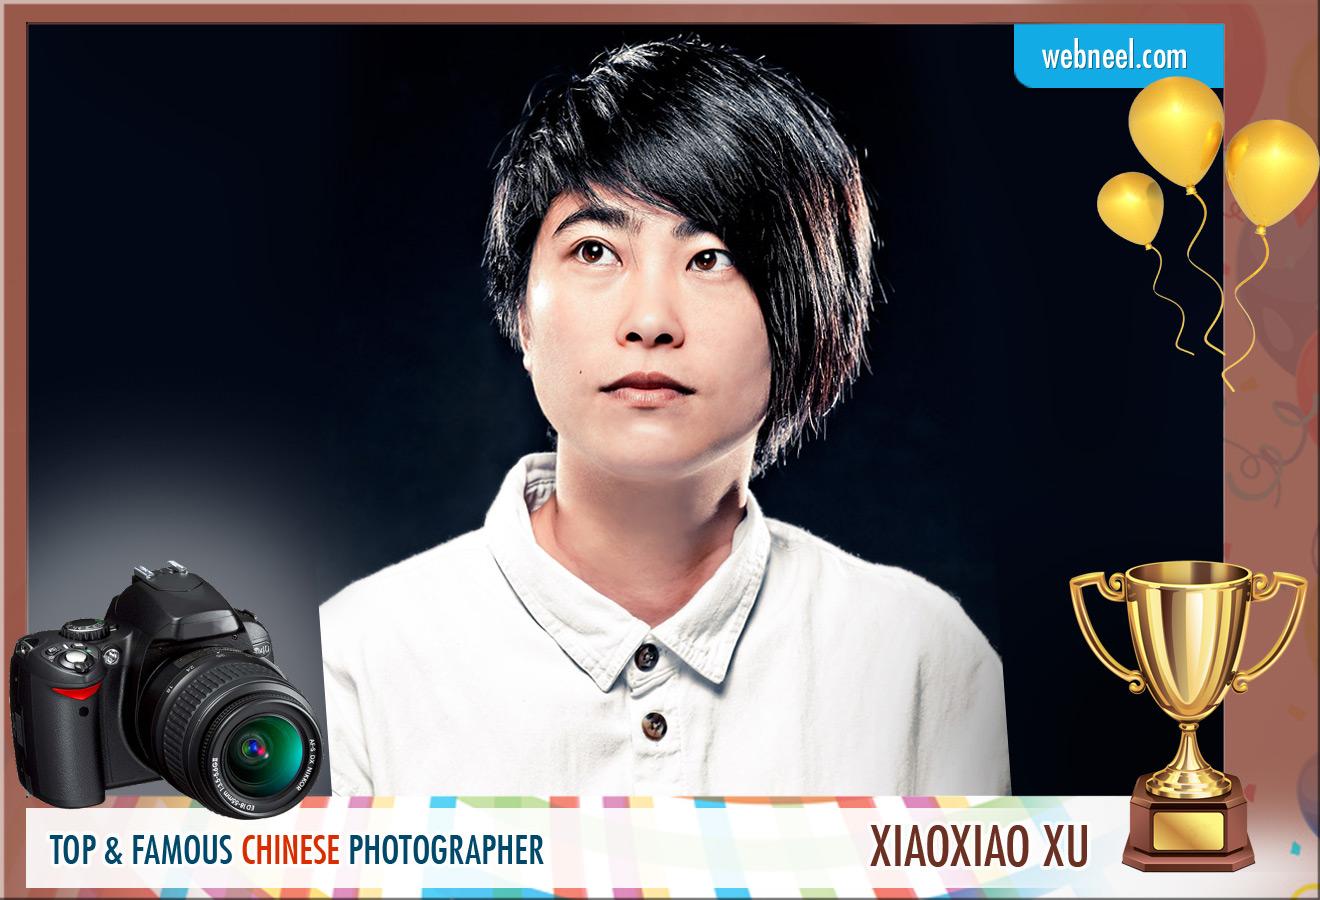 famous chinese photographer xiaoxiao xu